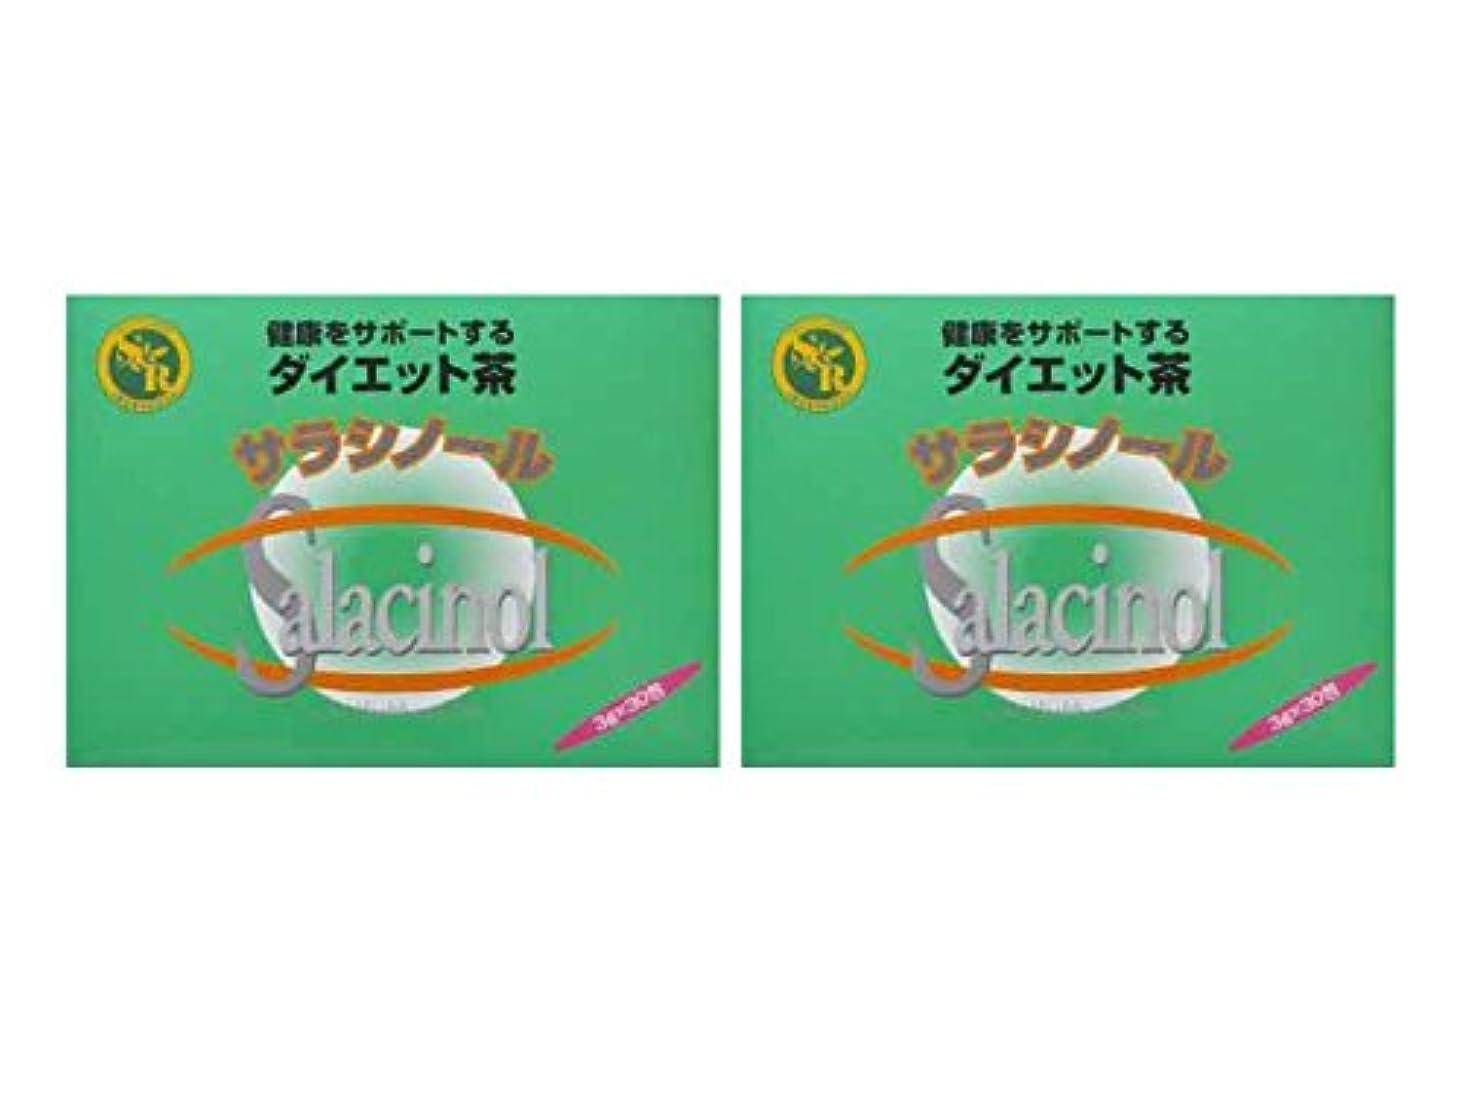 過敏なアッパーアドバンテージジャパンヘルス サラシノール茶 3g×30包×2箱セット(サラシア茶?ダイエット茶)